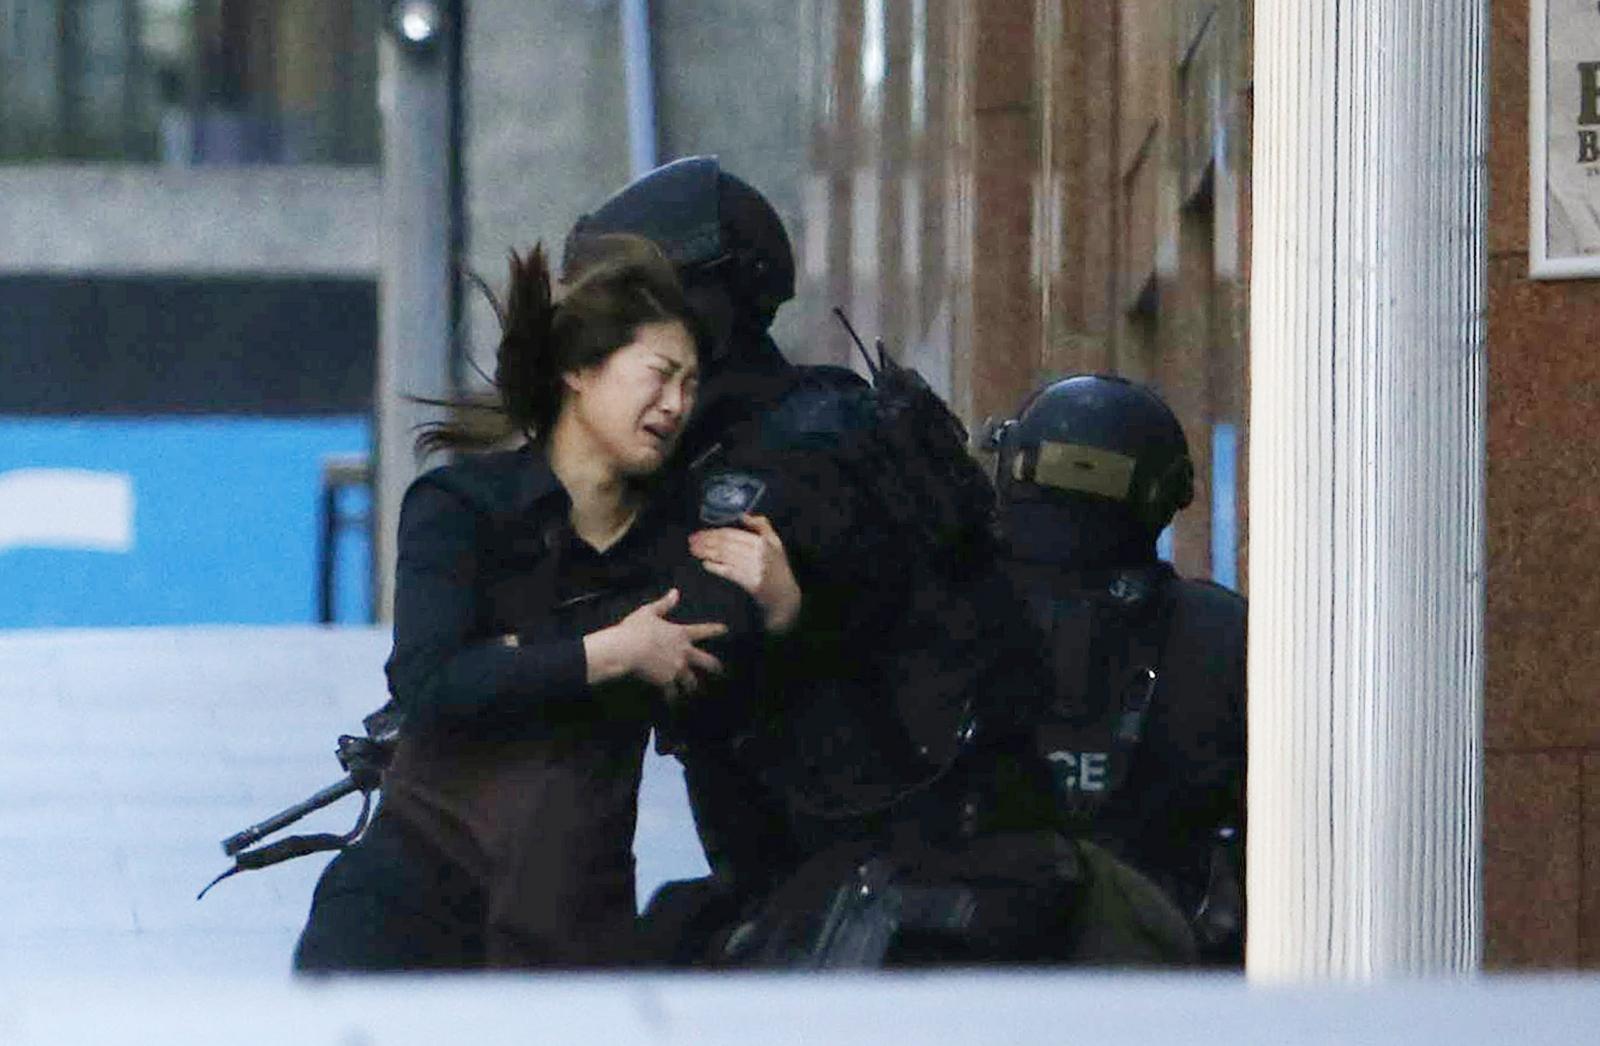 Sydney Seige: Hostages are seen fleeing Lindt Café